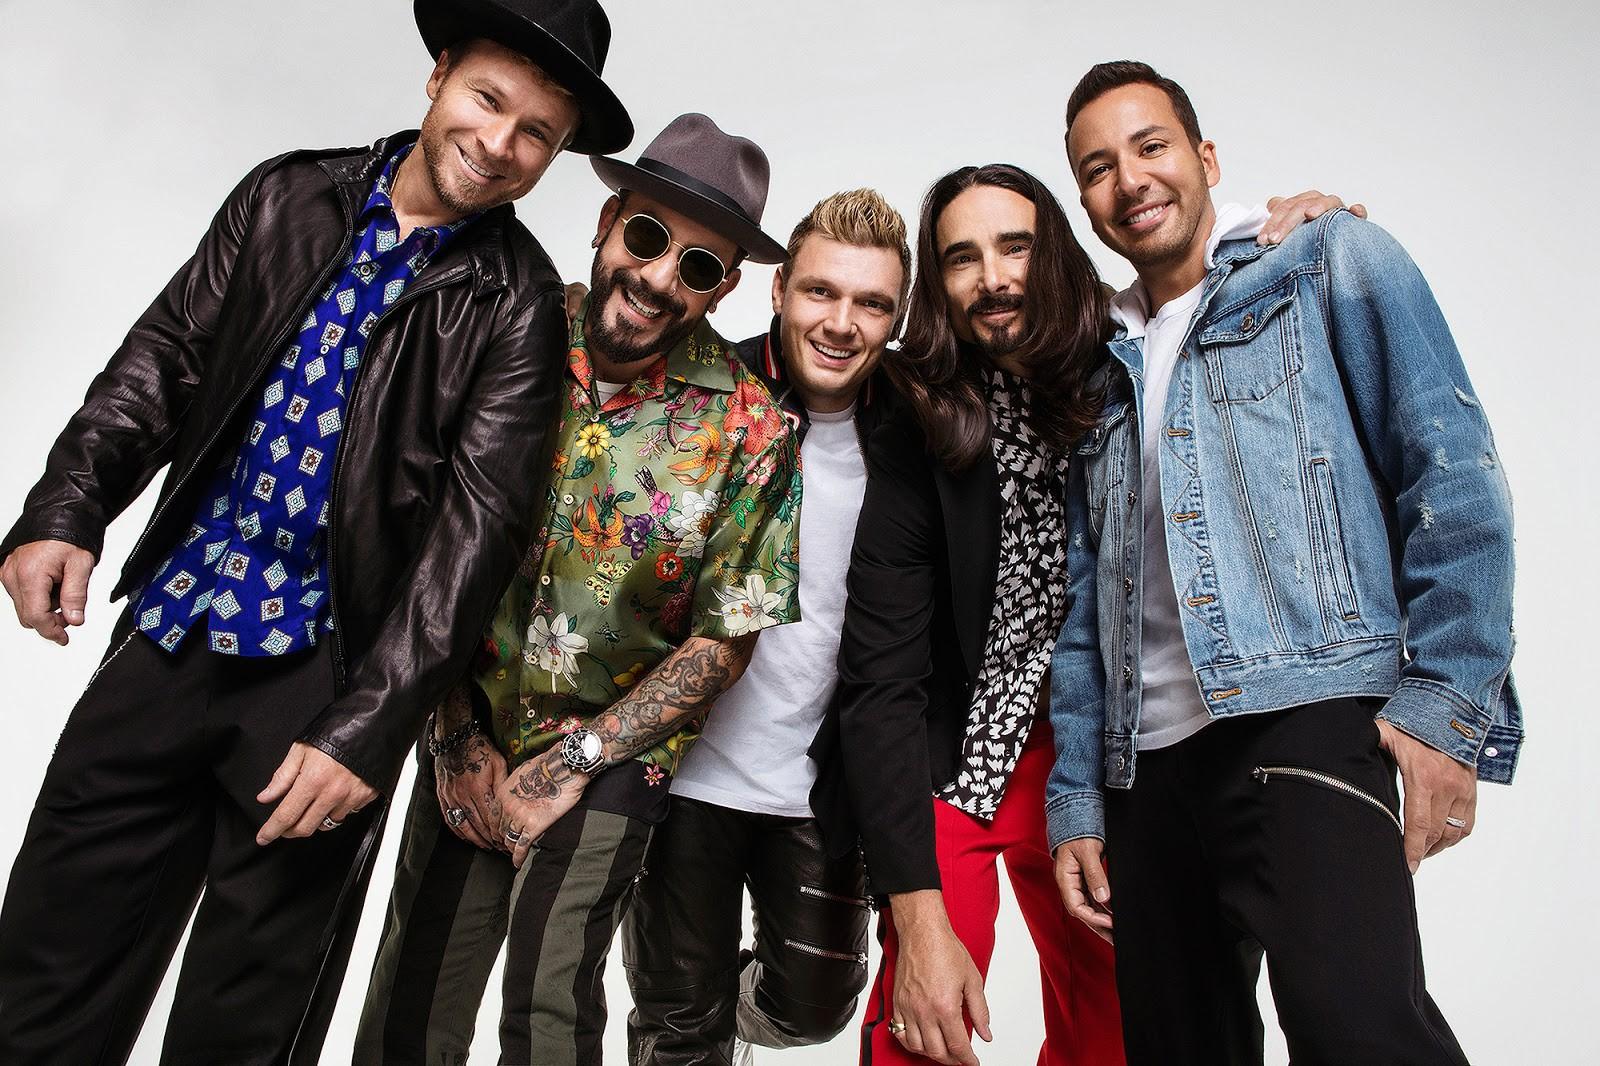 Backstreet Boys sau hơn 2 thập kỷ: Người trượt dài trong vũng bùn ma túy, kẻ vướng cáo buộc xâm hại tình dục vì sai lầm tuổi trẻ - Ảnh 3.